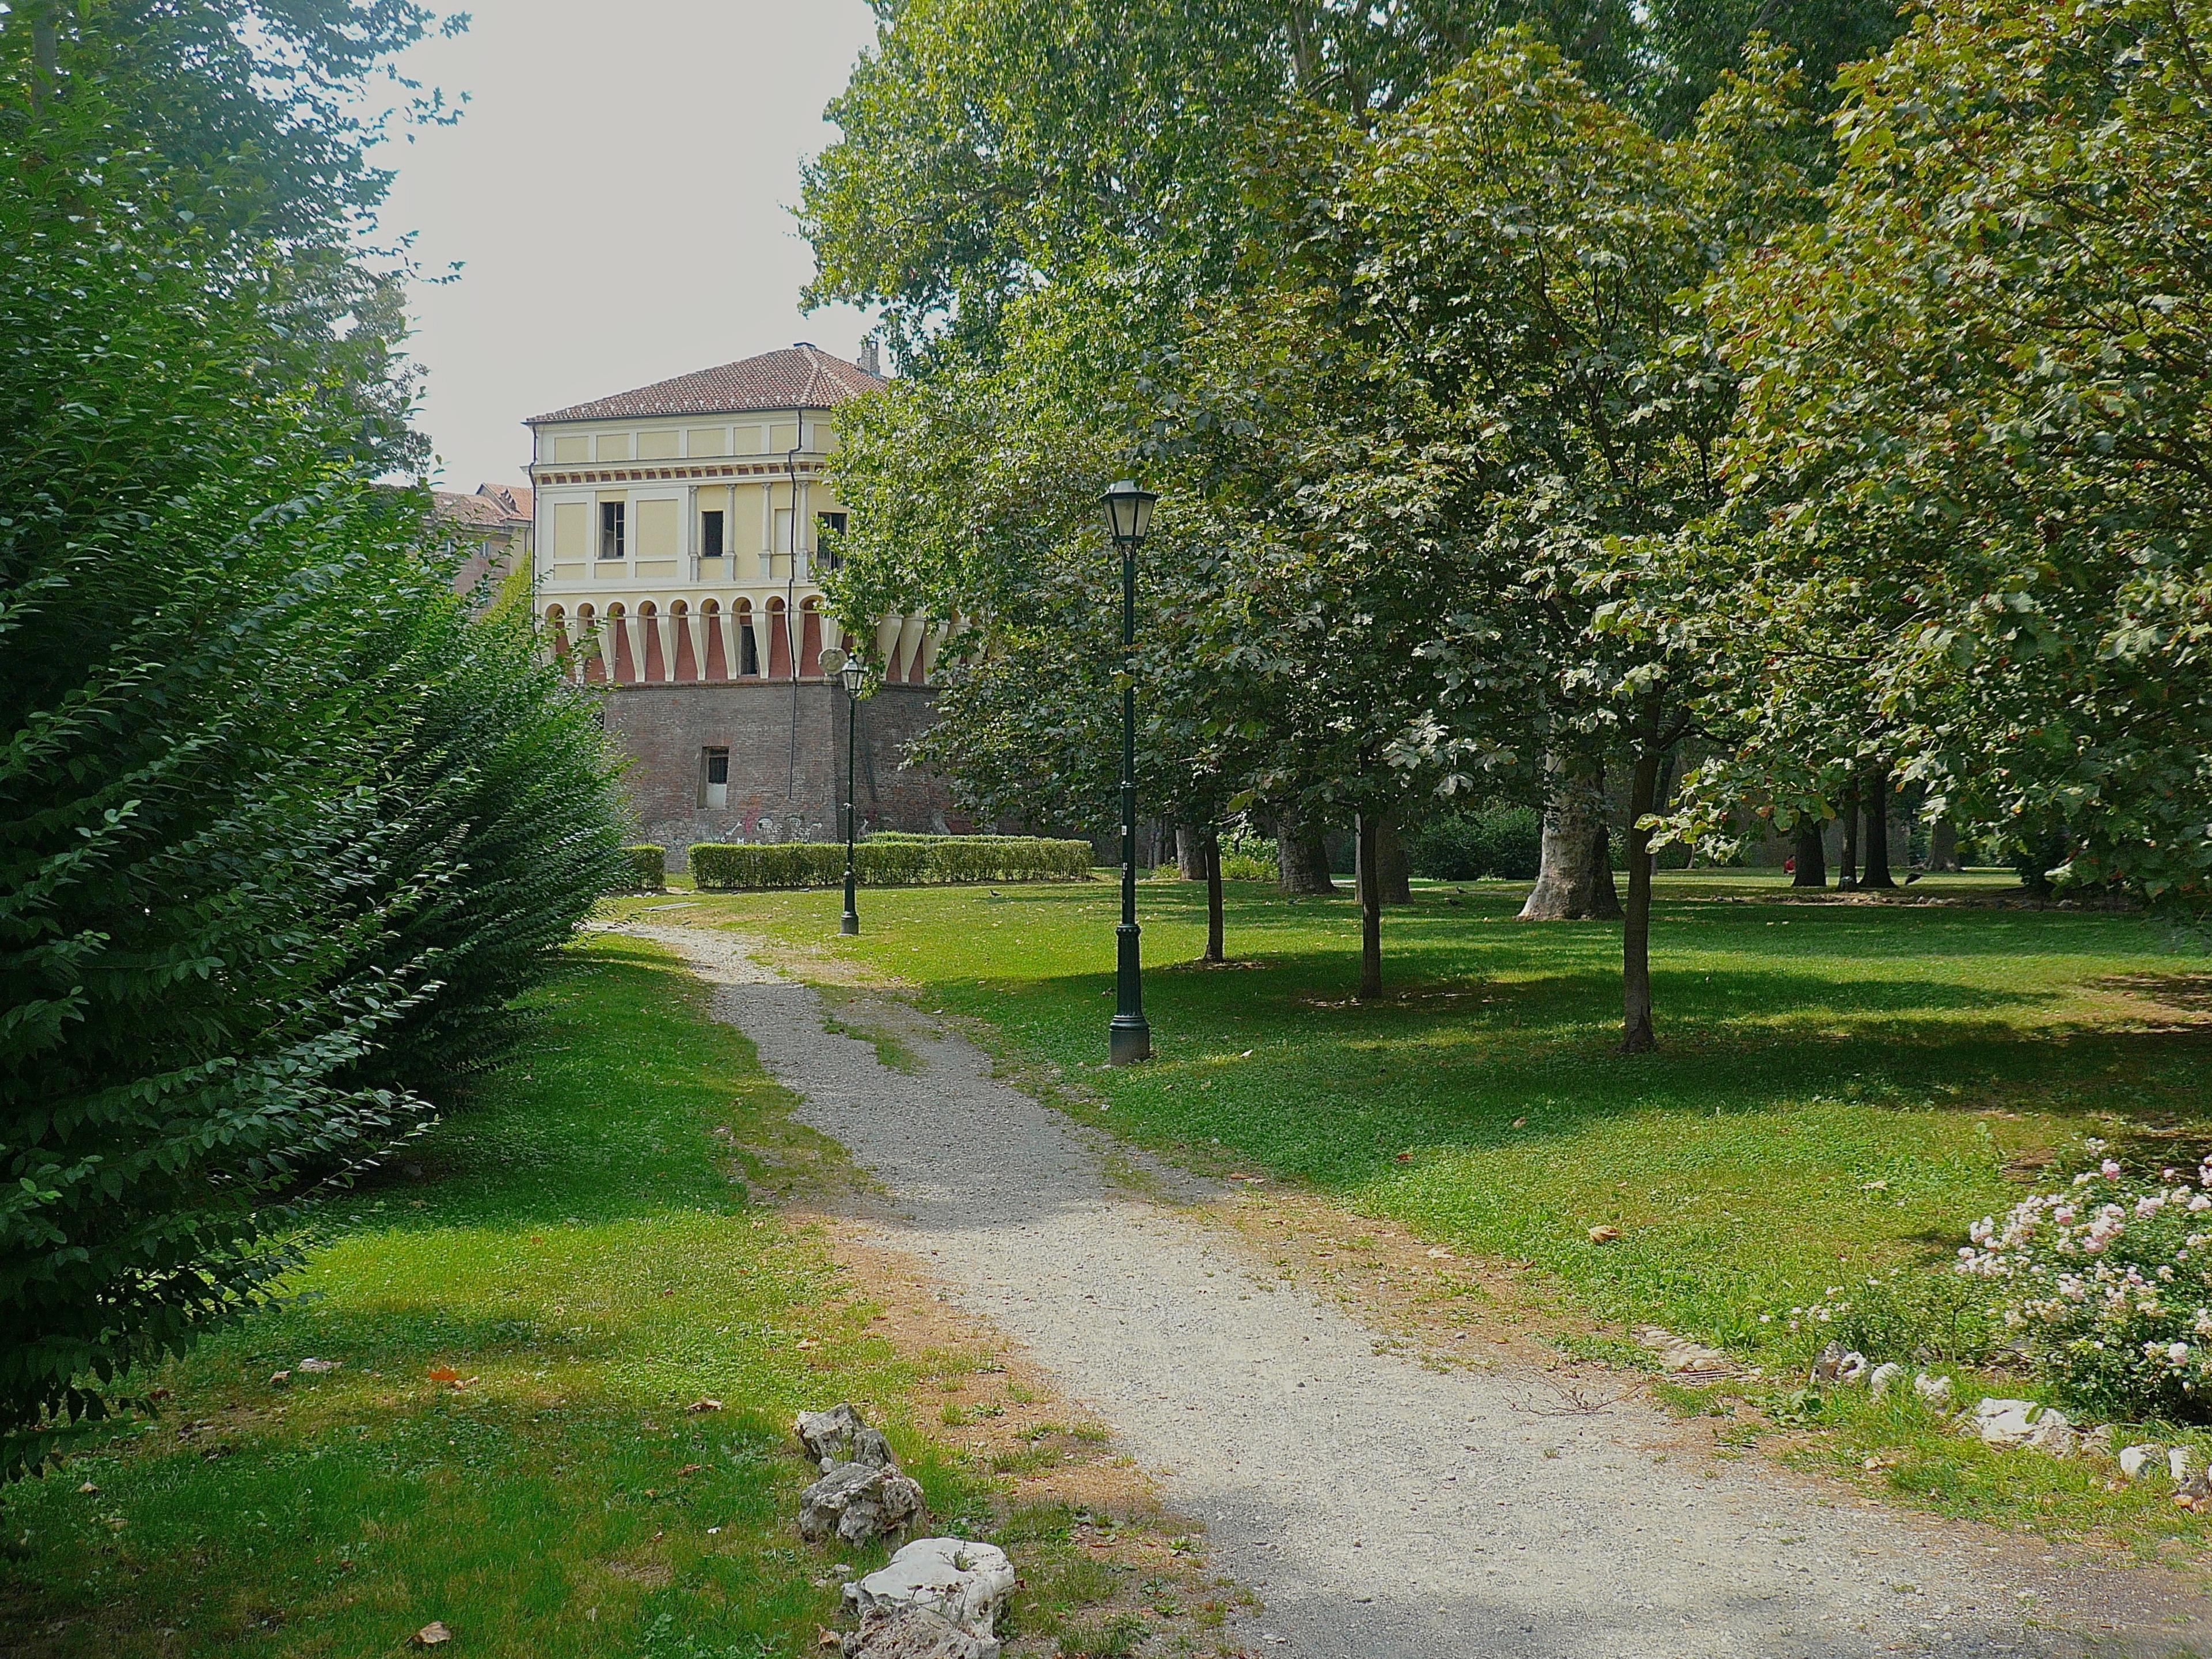 Giardini di Torino, una storia tra bellezza e antichità